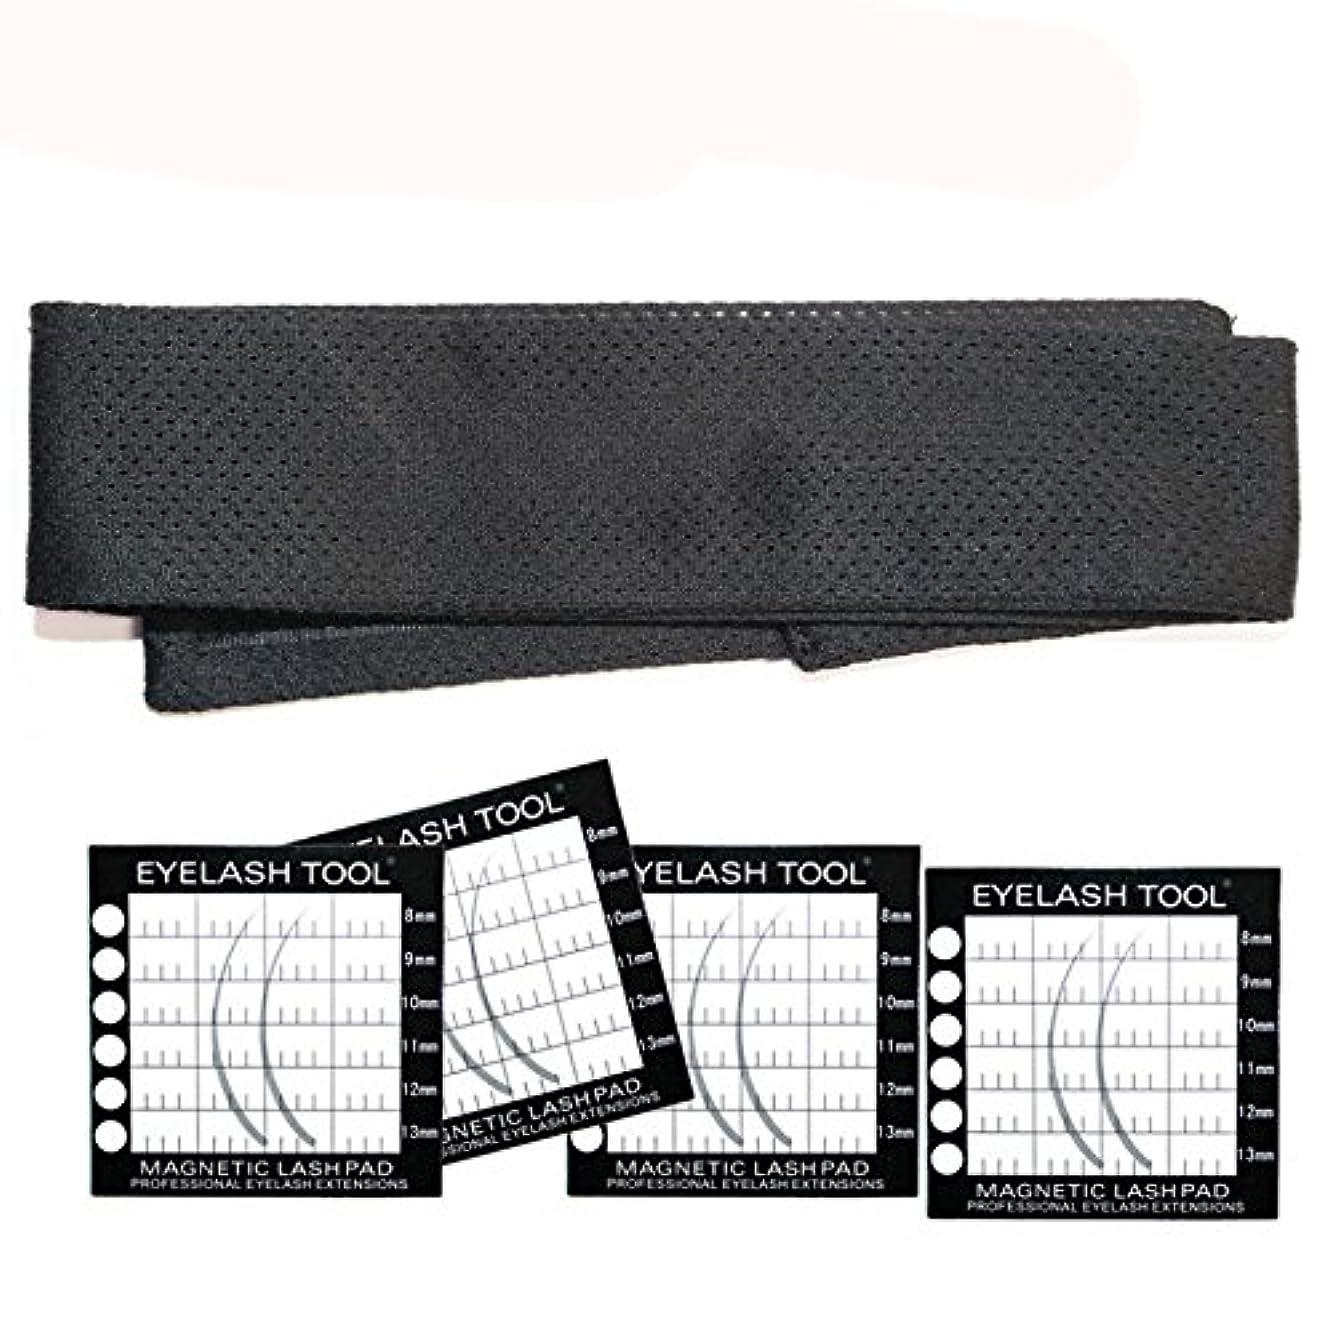 アカデミックドループ市民接木まつげエクステンション用まつげルートセパレータ磁気ヘッドバンドパッド